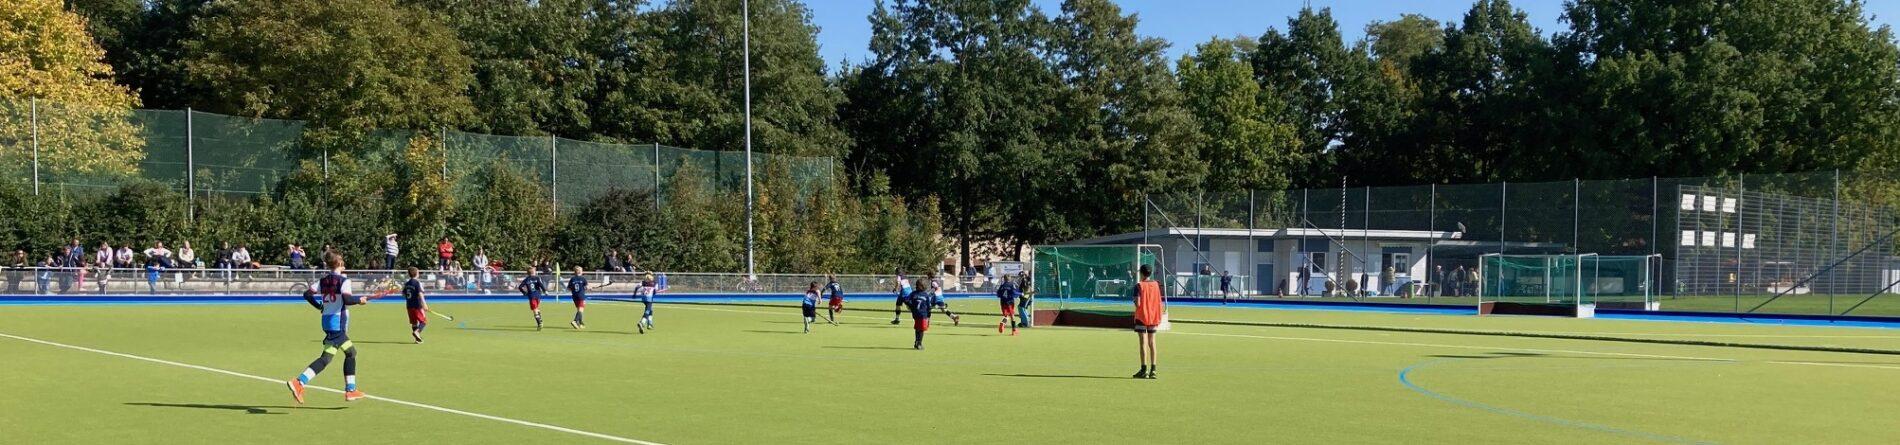 Knaben B / U12 – 3. Spieltag in Ulm